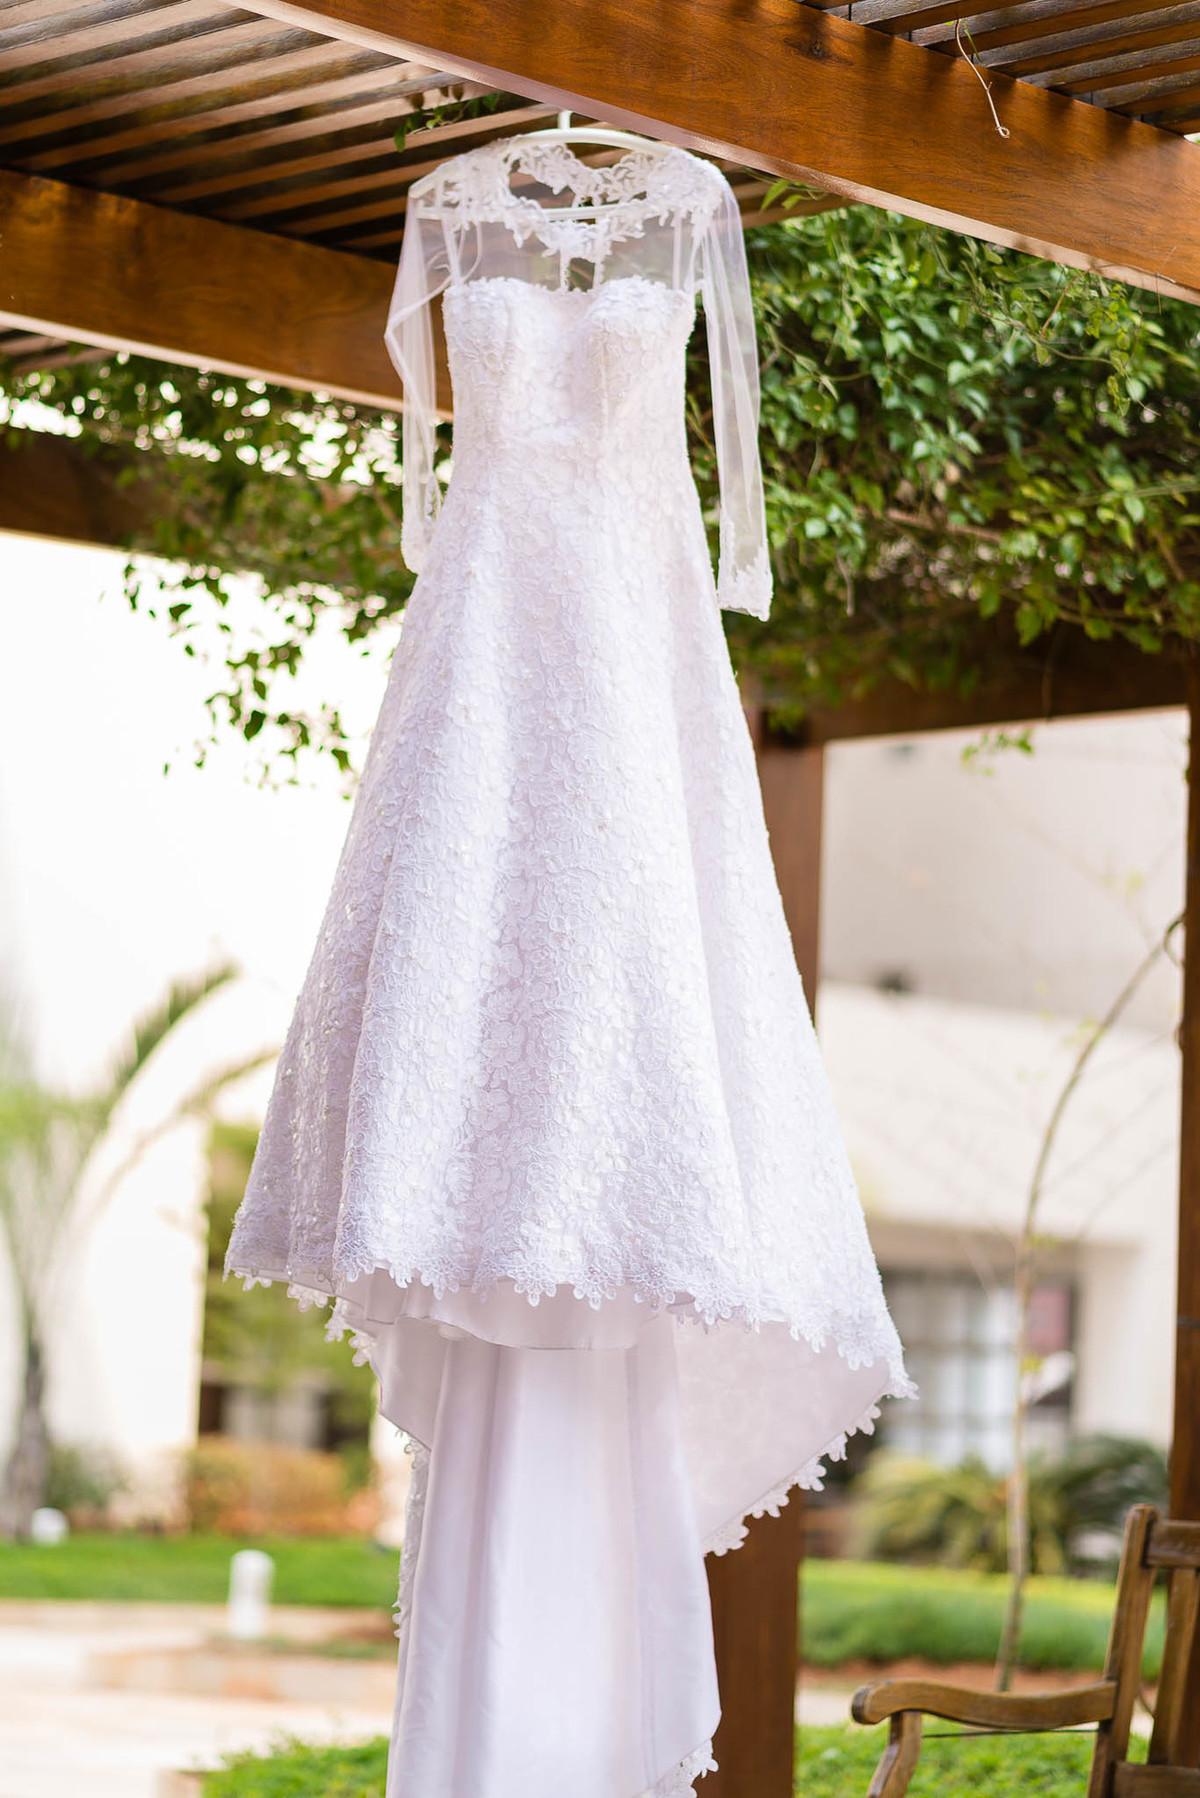 fotografia vestido noiva wewfotografia makingof branco pendurado saopaulo